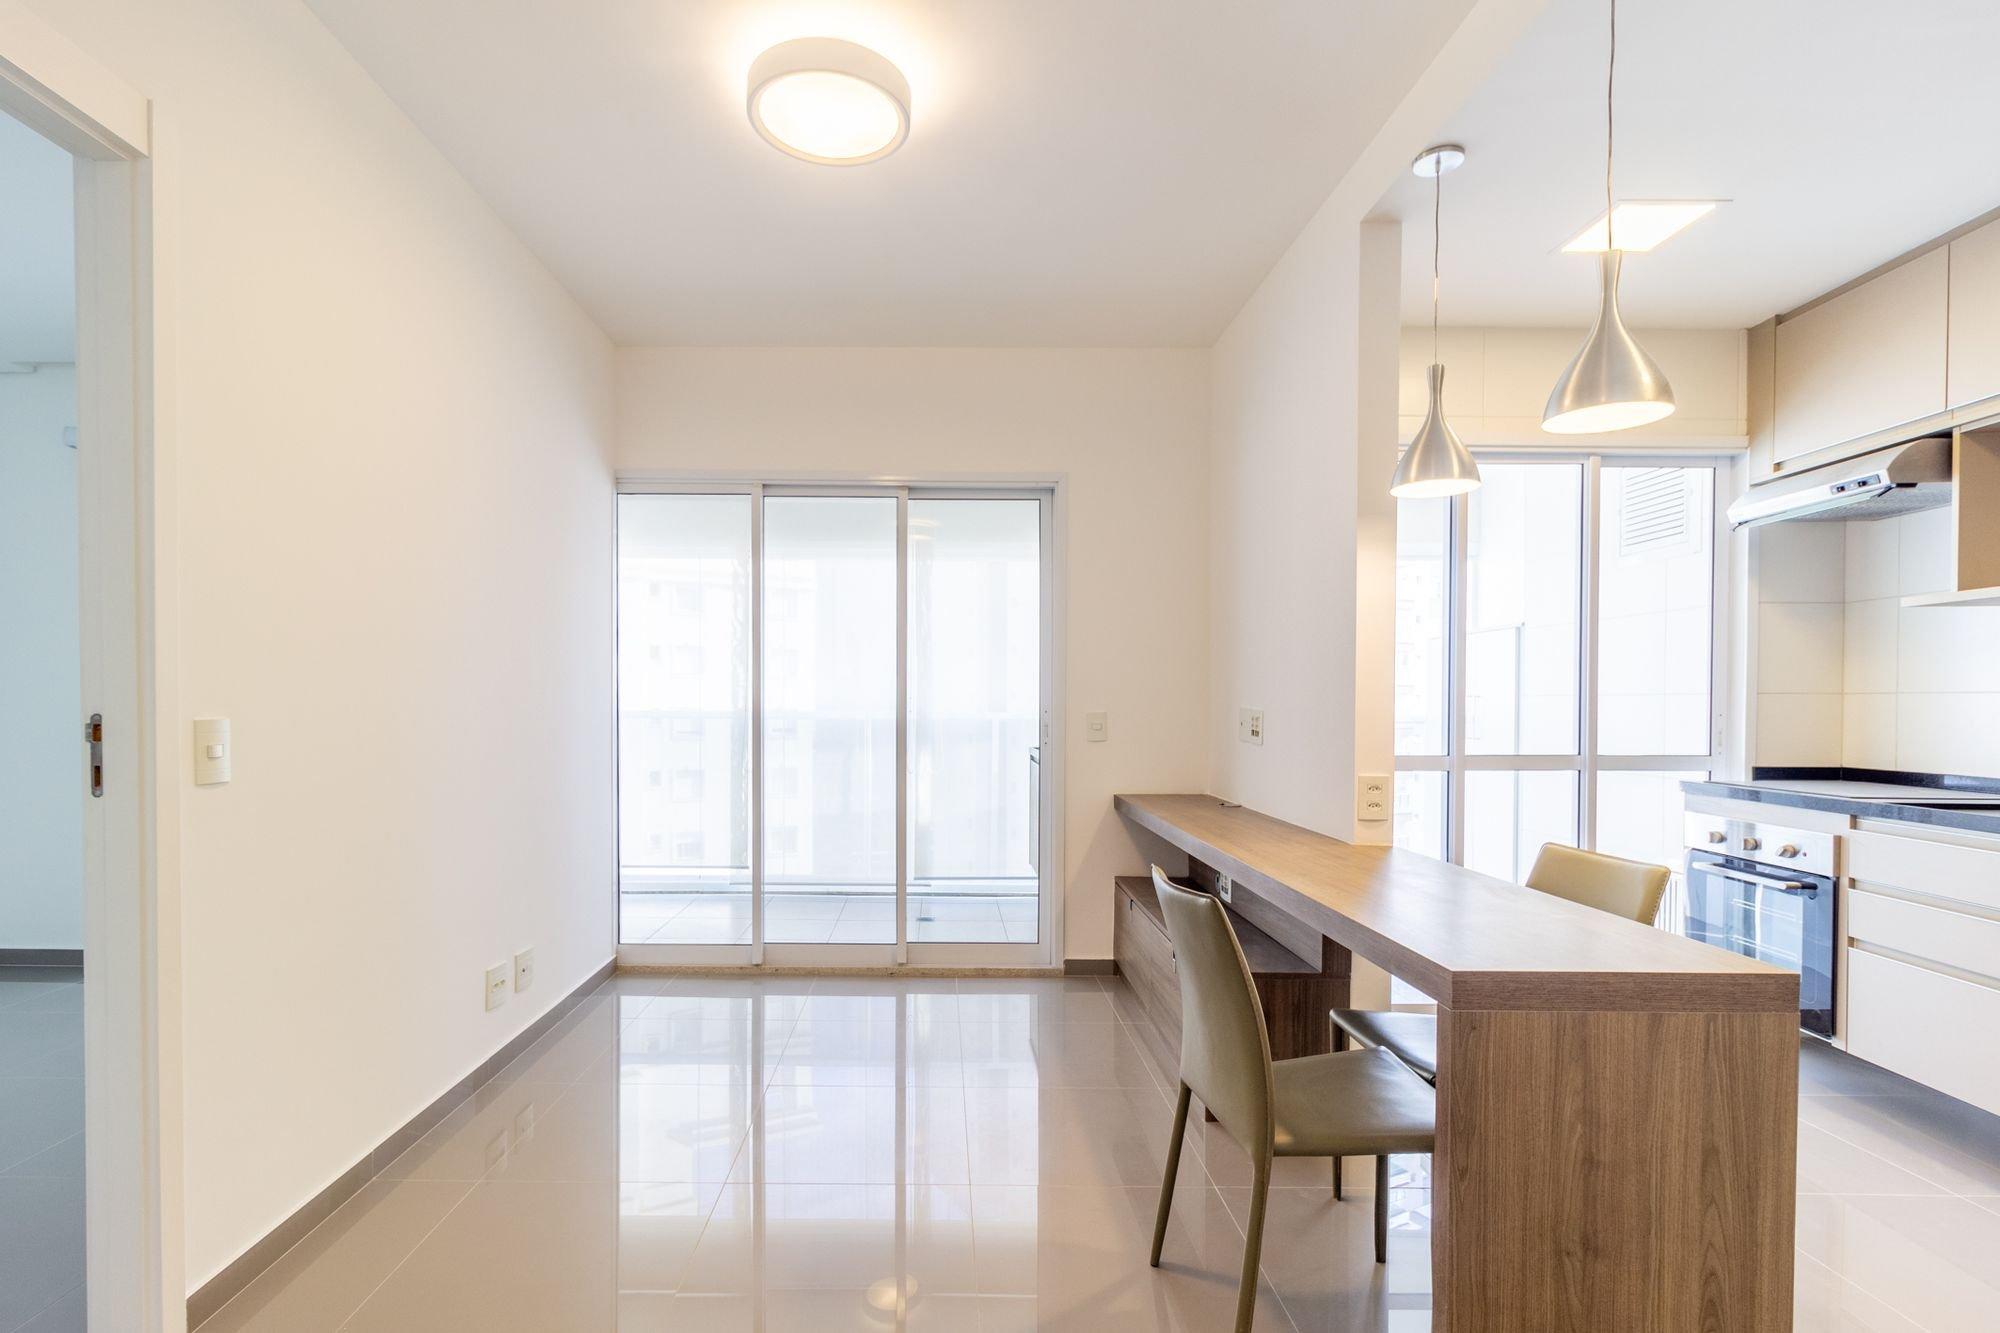 Foto de Cozinha com cadeira, mesa de jantar